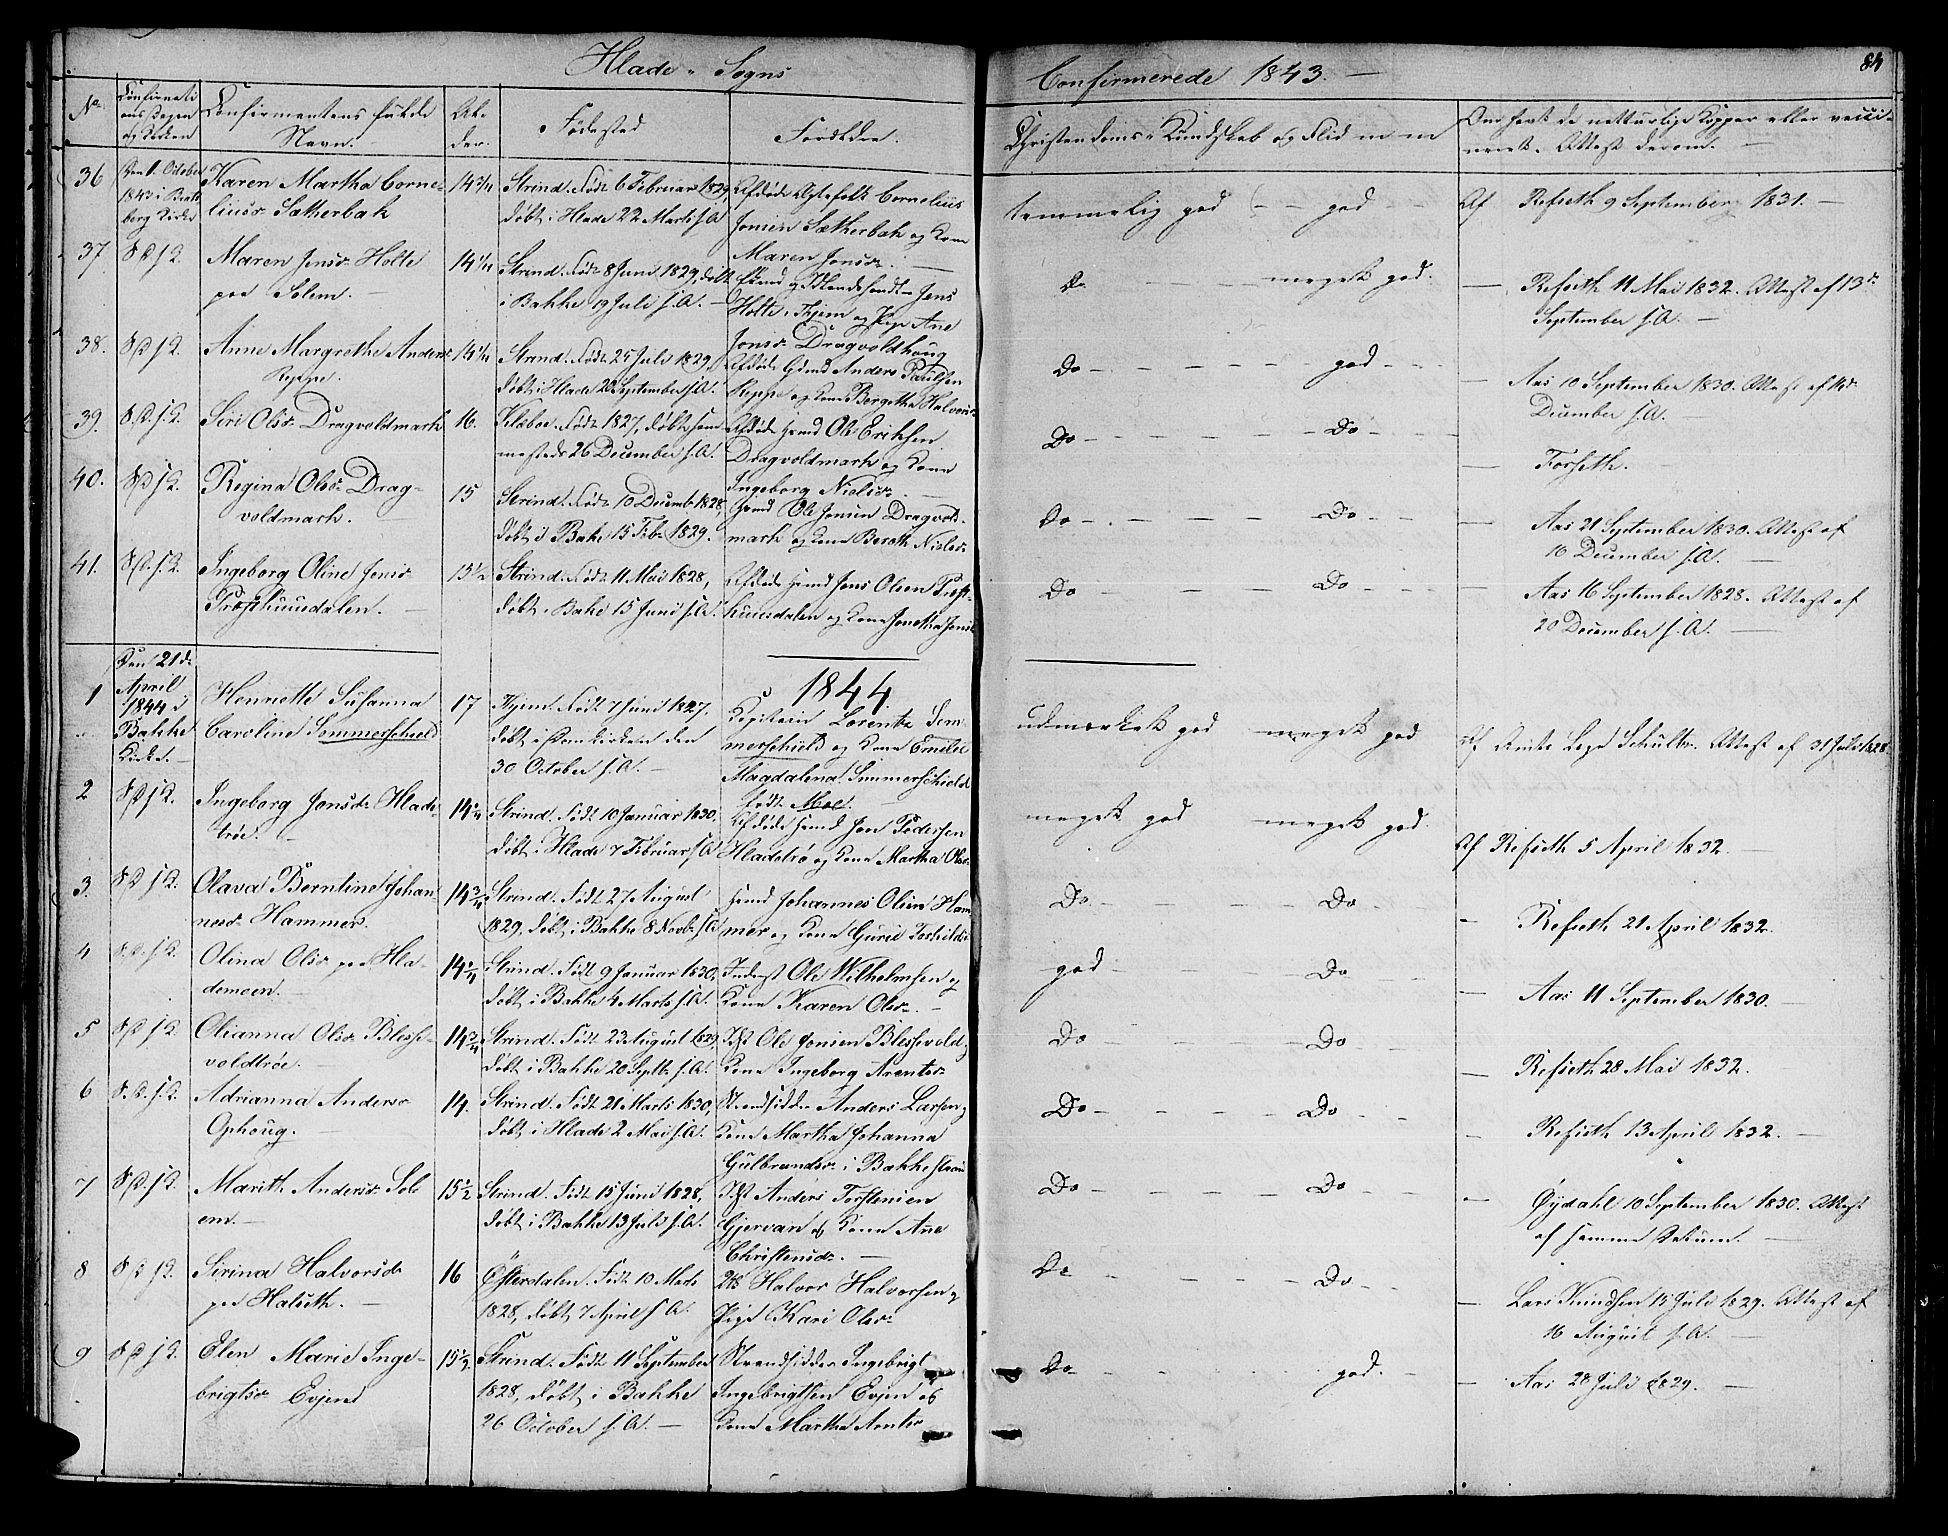 SAT, Ministerialprotokoller, klokkerbøker og fødselsregistre - Sør-Trøndelag, 606/L0309: Klokkerbok nr. 606C05, 1841-1849, s. 84